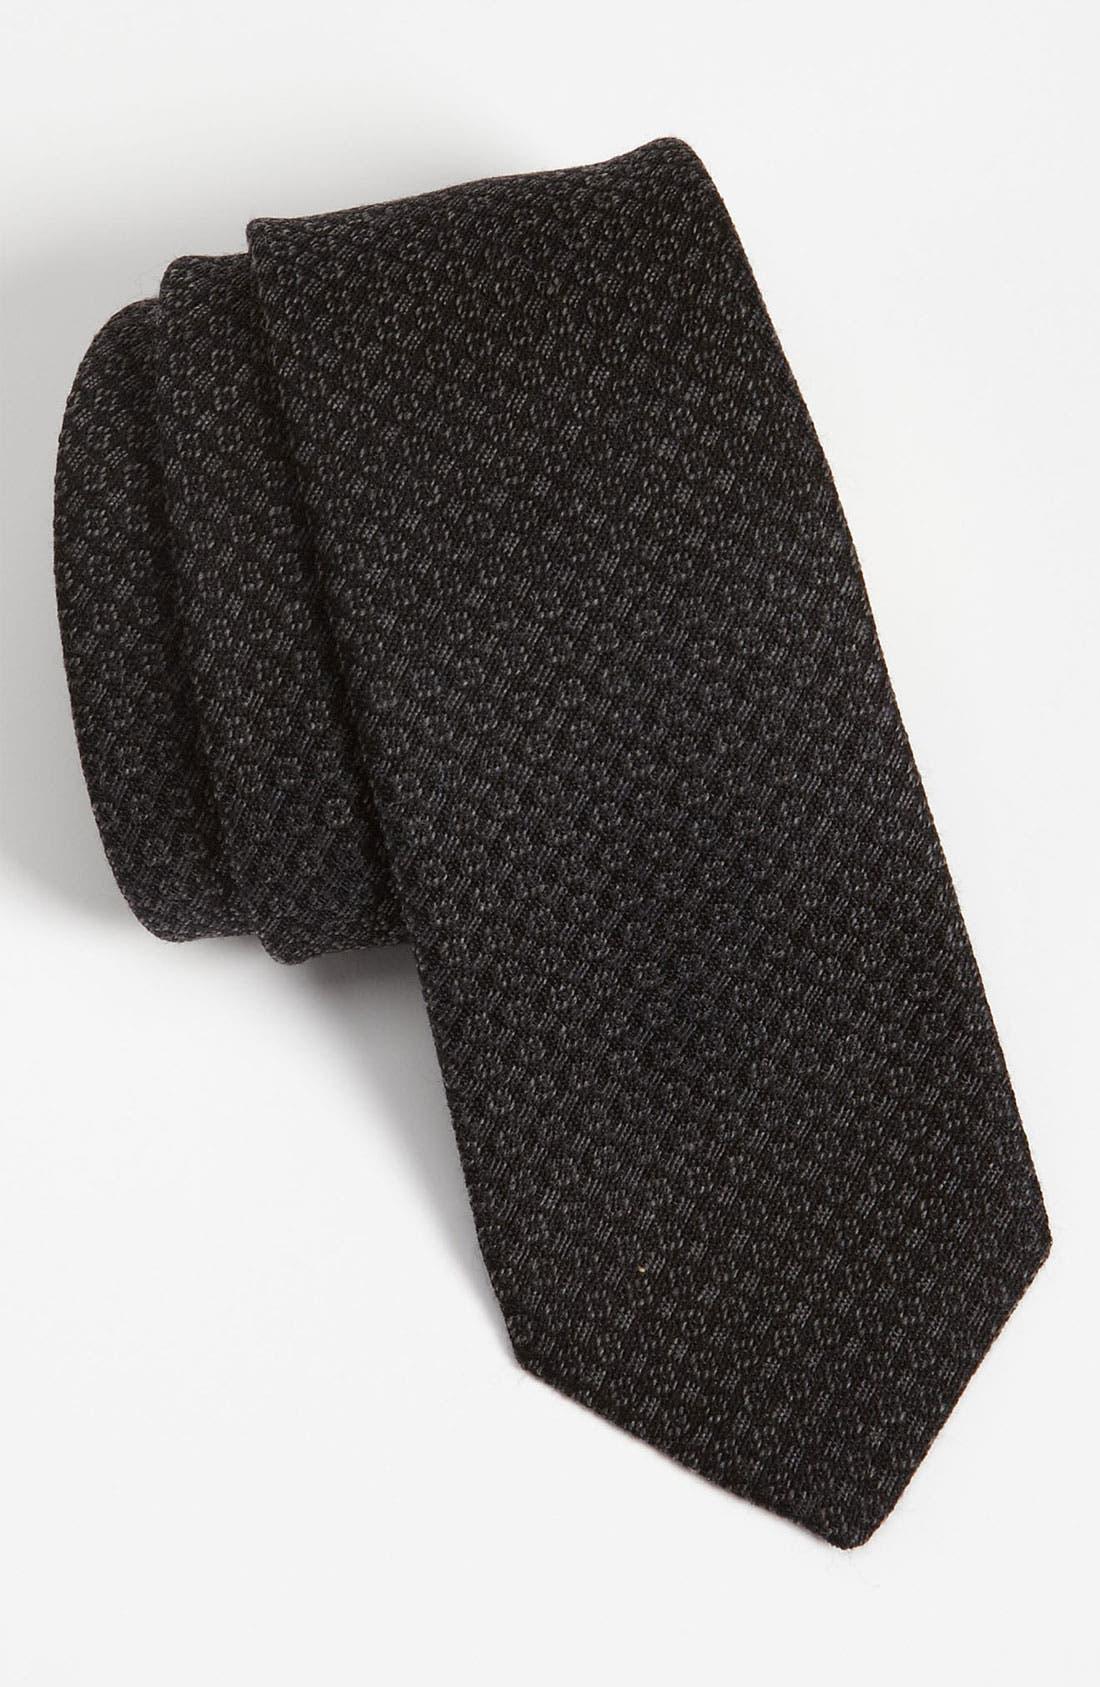 Alternate Image 1 Selected - Burberry London Wool Blend Tie